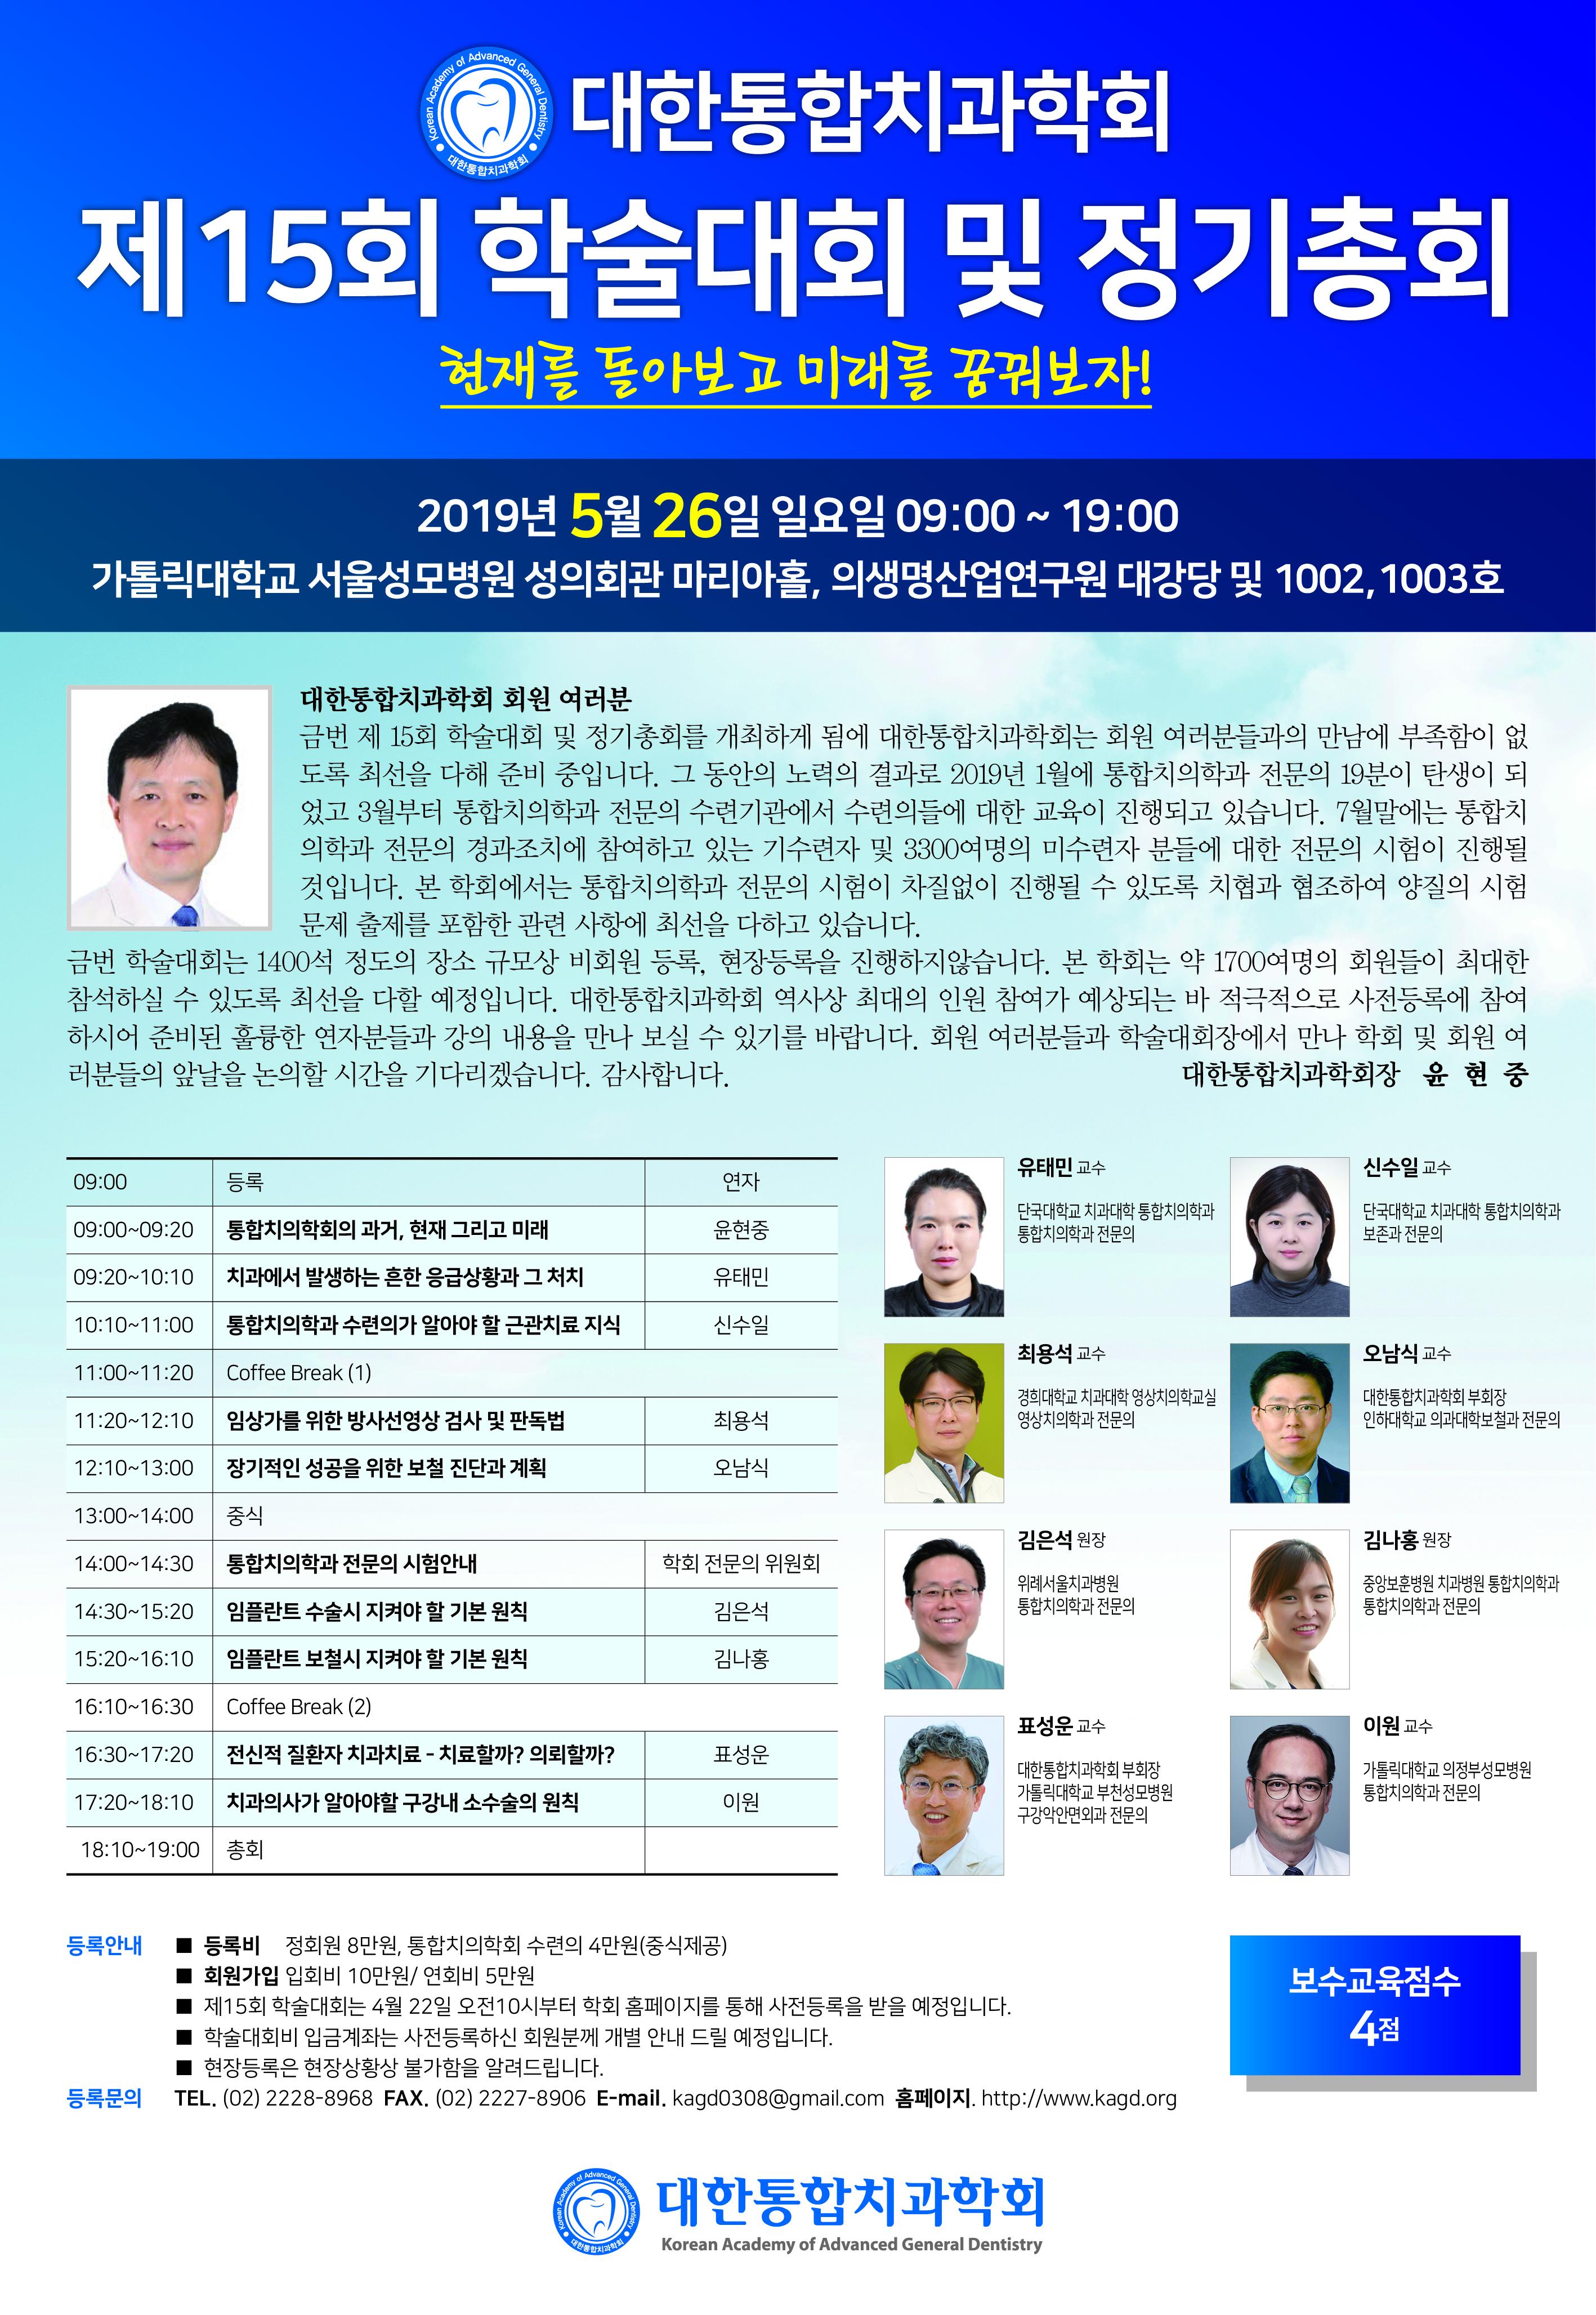 제 15회 대한통합치과학회 학술대회